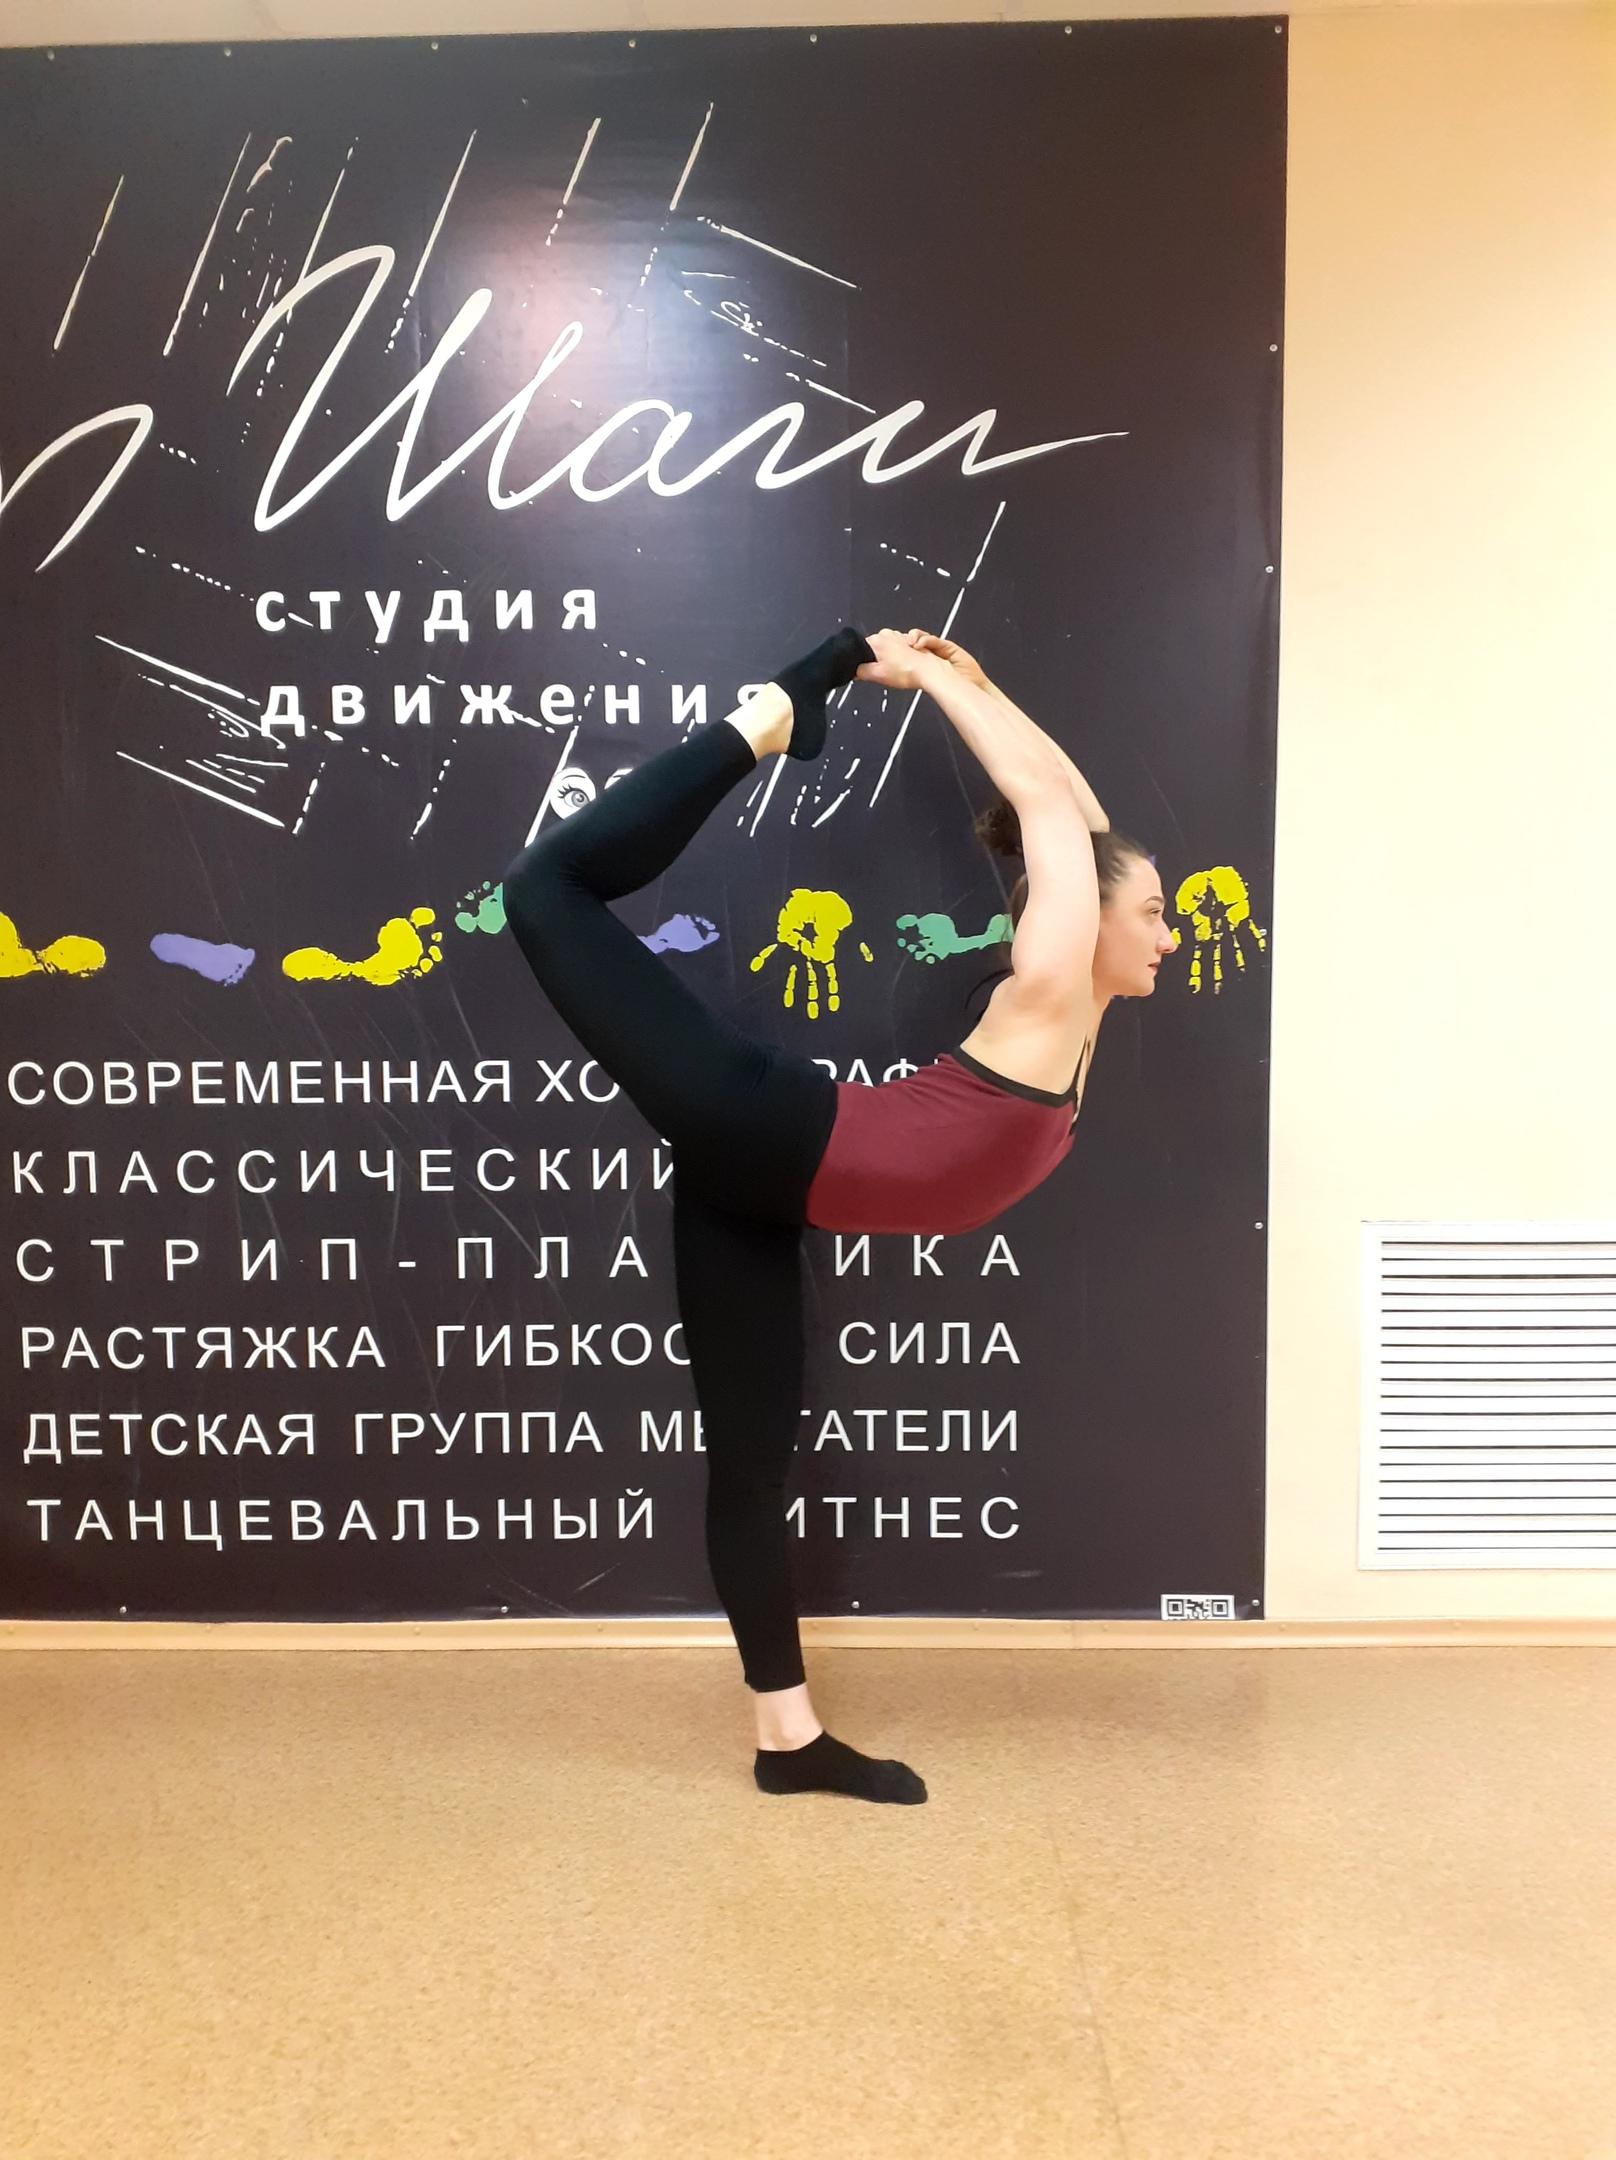 Растяжка, гибкость, сила! в Студии движения Шаги